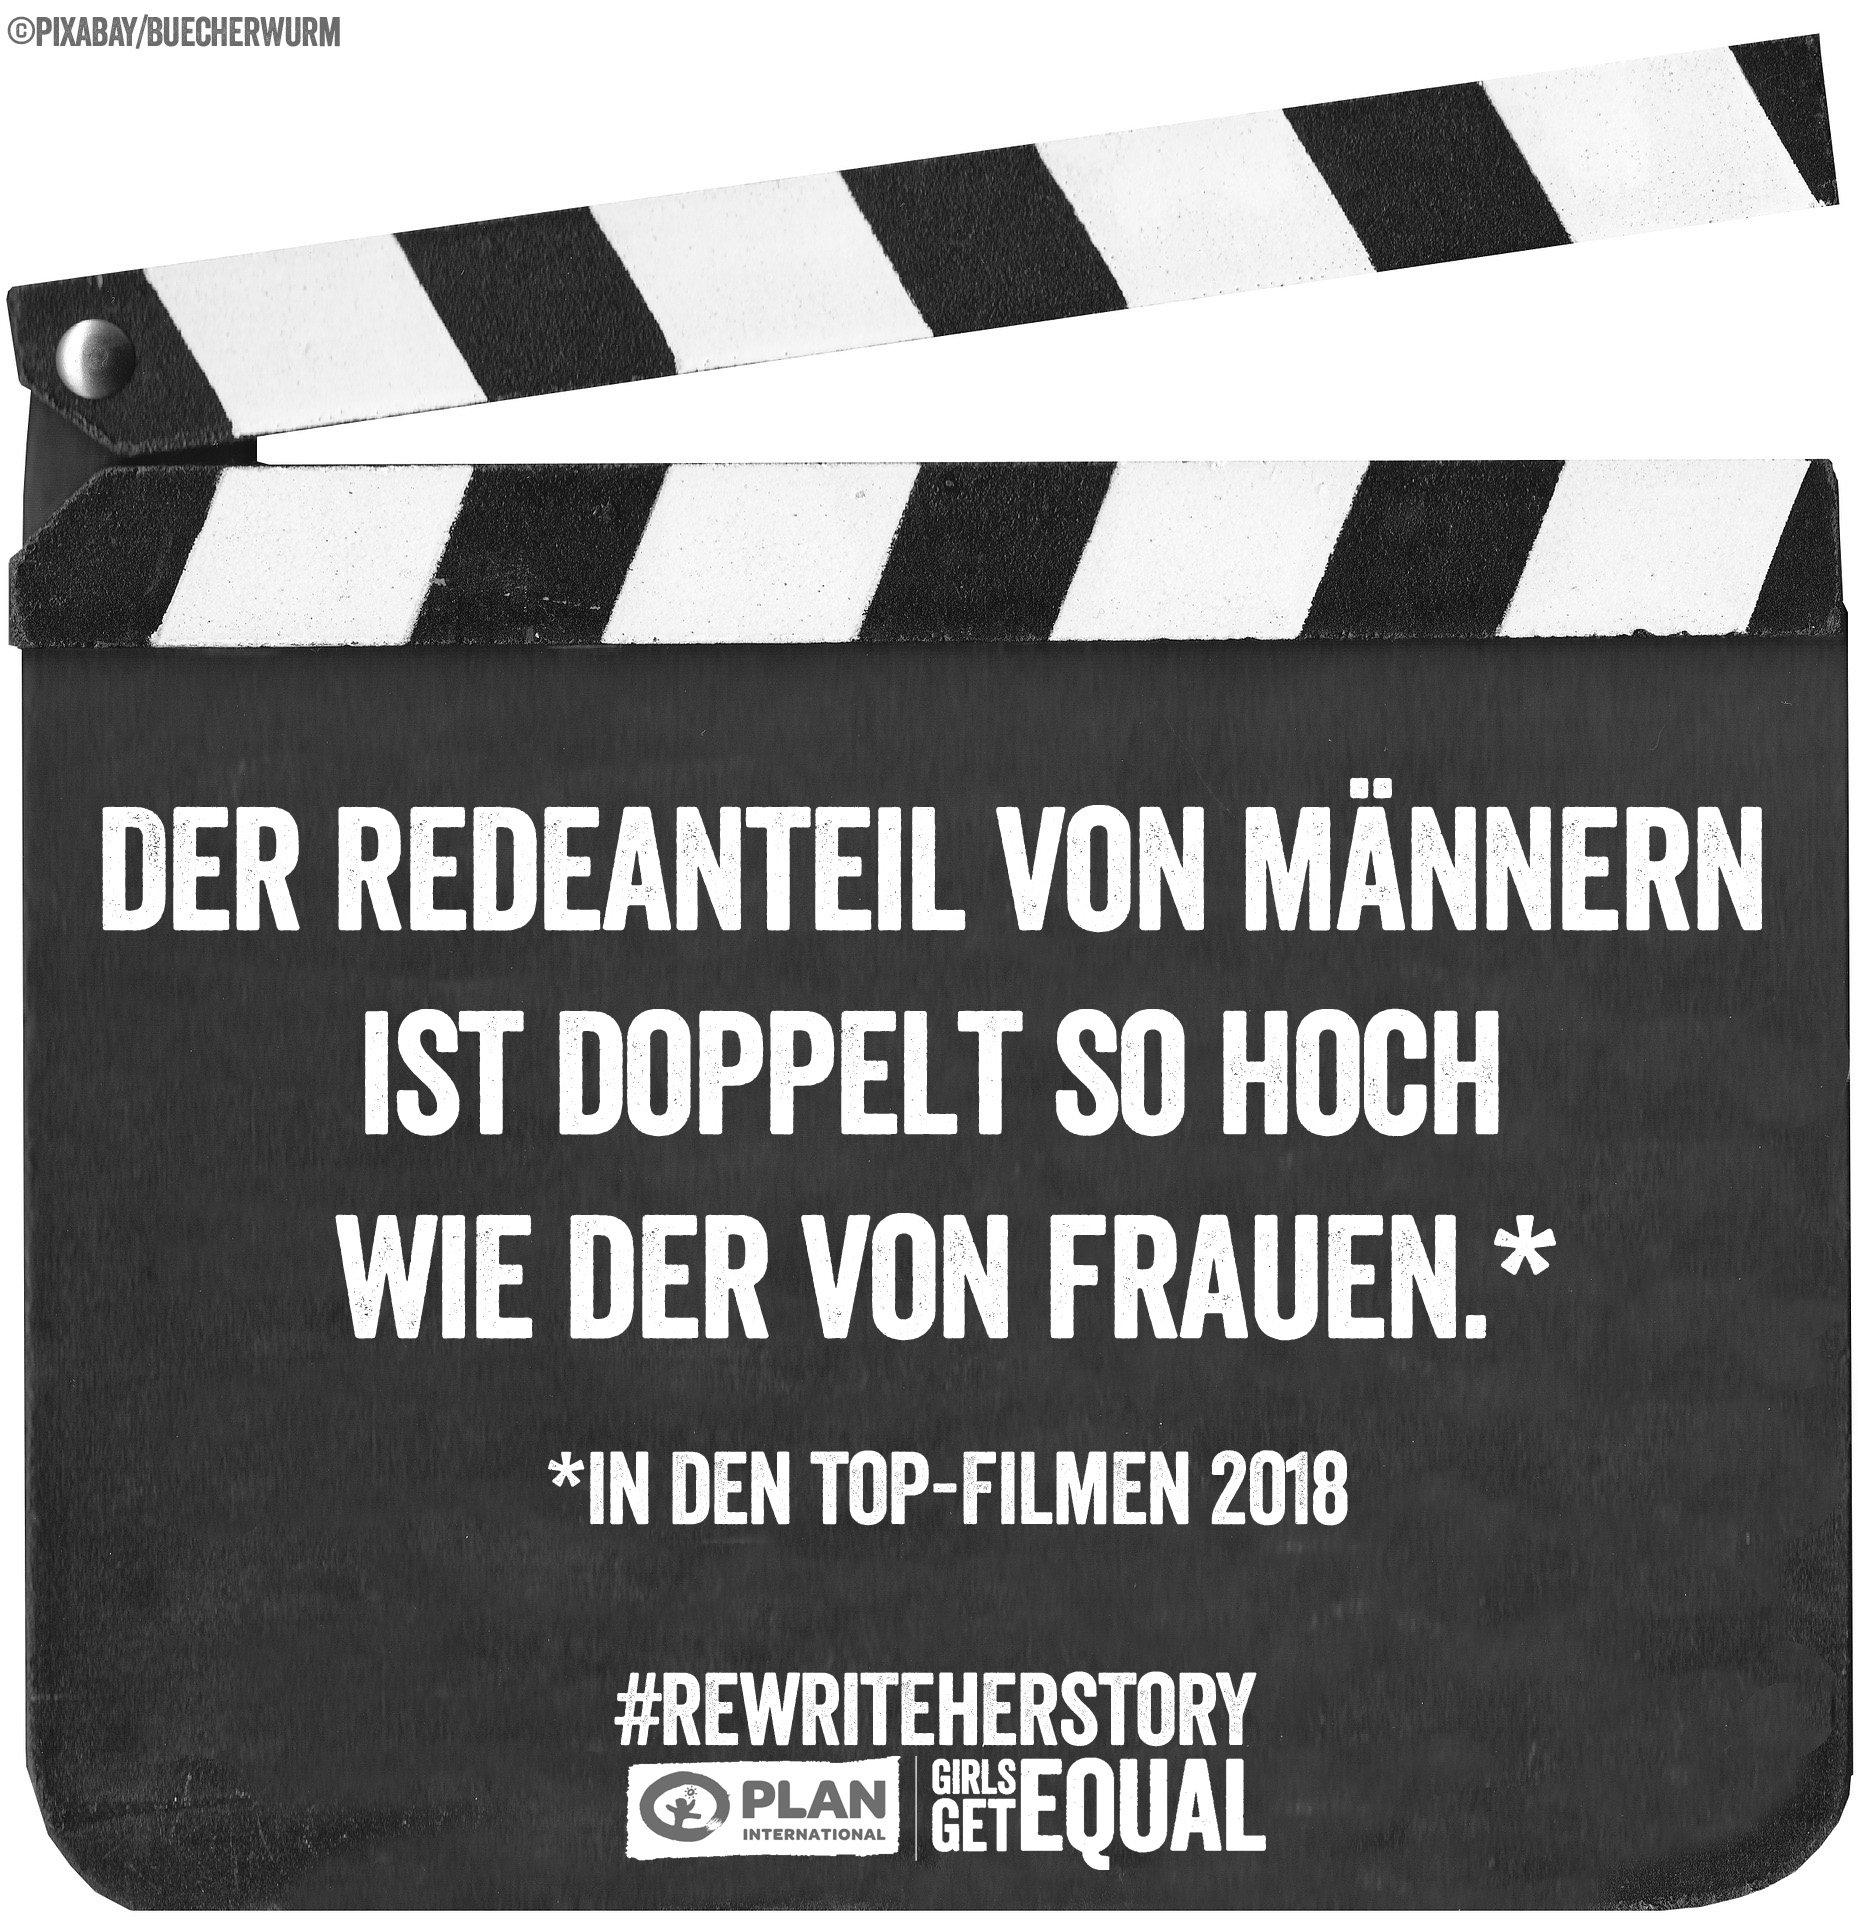 Redeanteil_Maenerrollen_frauen-in-filmen-gleichberechtigung-weltmaedchentag.jpg